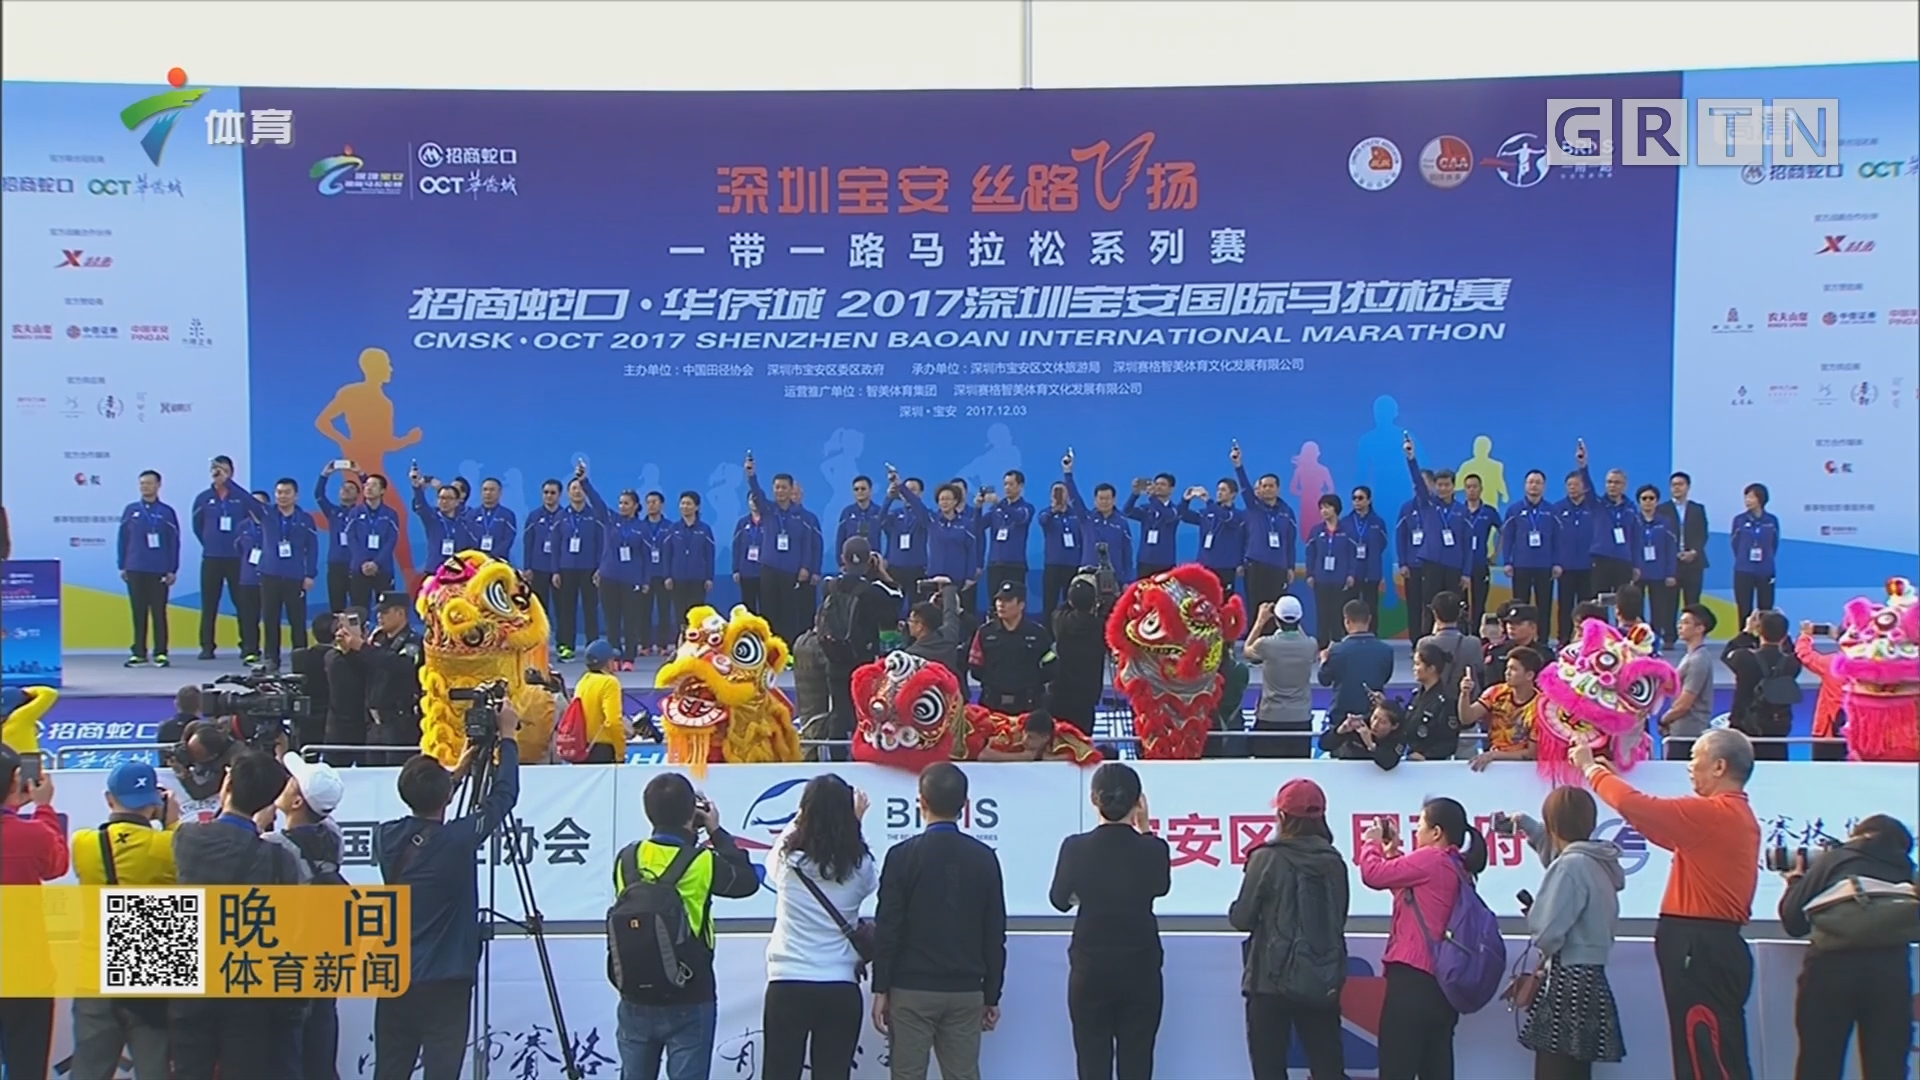 深圳宝安国际马拉松赛圆满结束